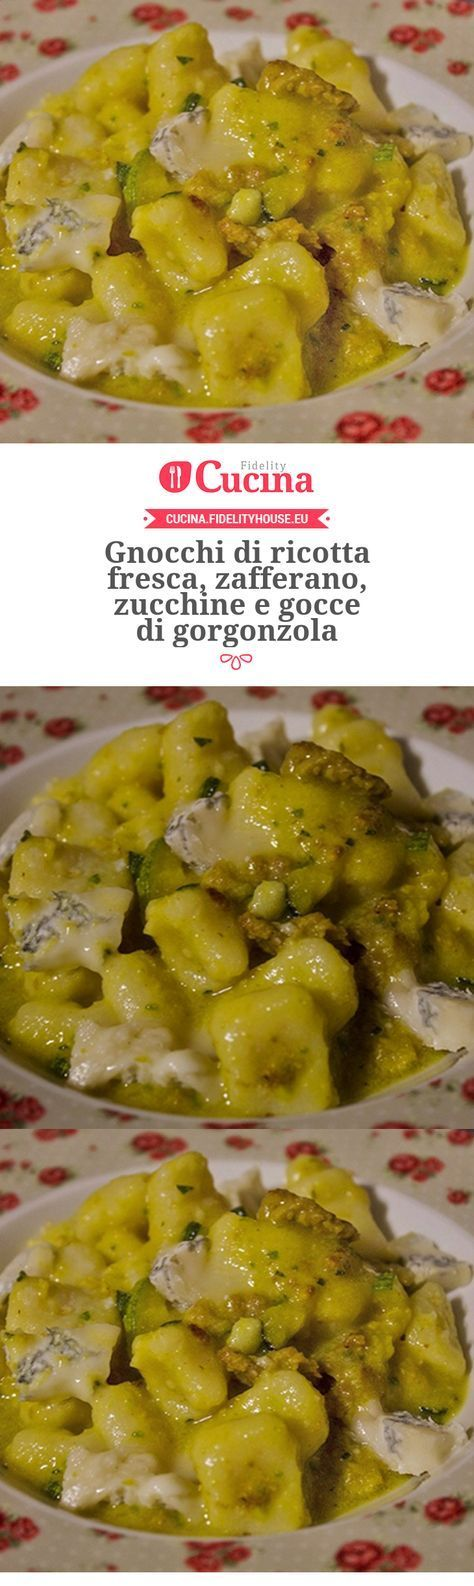 #Gnocchi di #ricotta fresca, #zafferano, zucchine e gocce di gorgonzola della nostra utente Elena. Unisciti alla nostra Community ed invia le tue ricette!